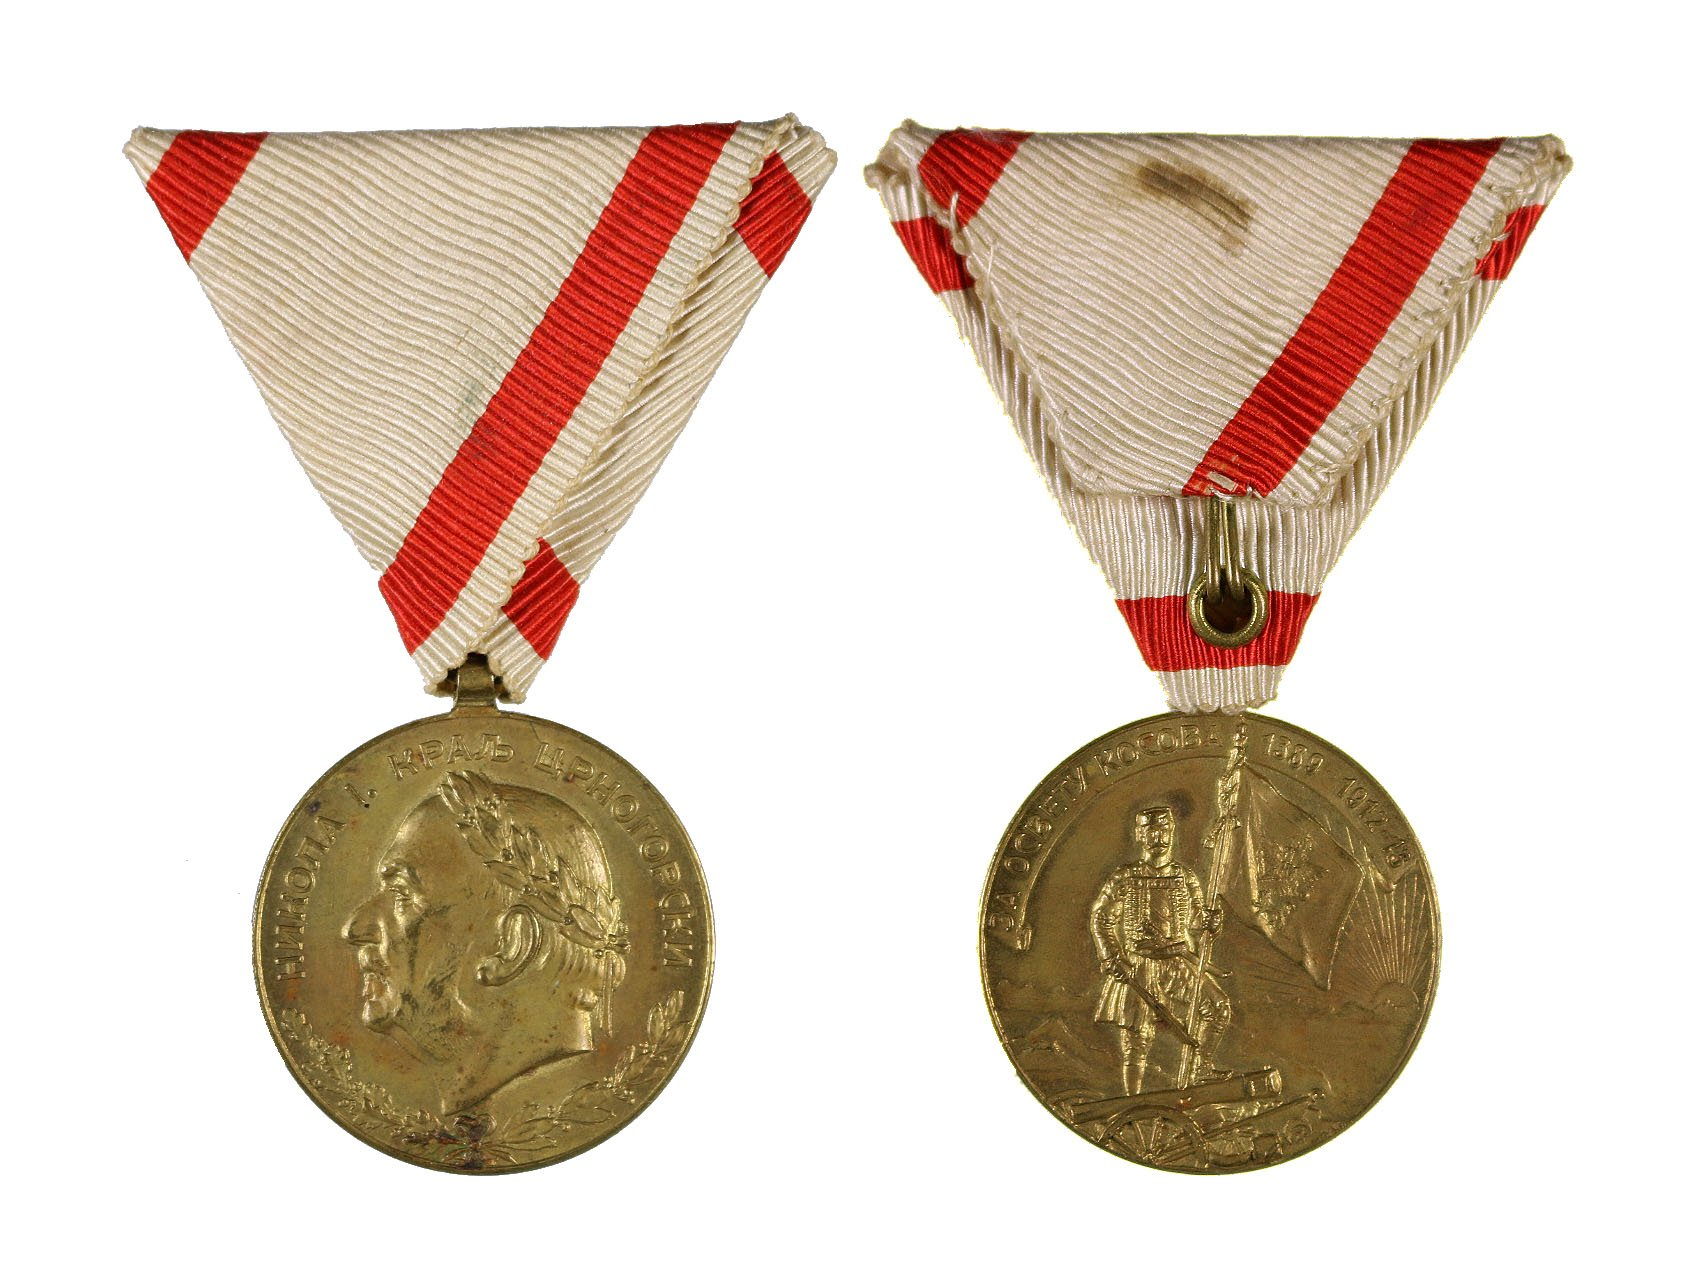 Pamětní medaile na 1. balkánskou válku, pozlacený bronz, původní stuha, BAR.36